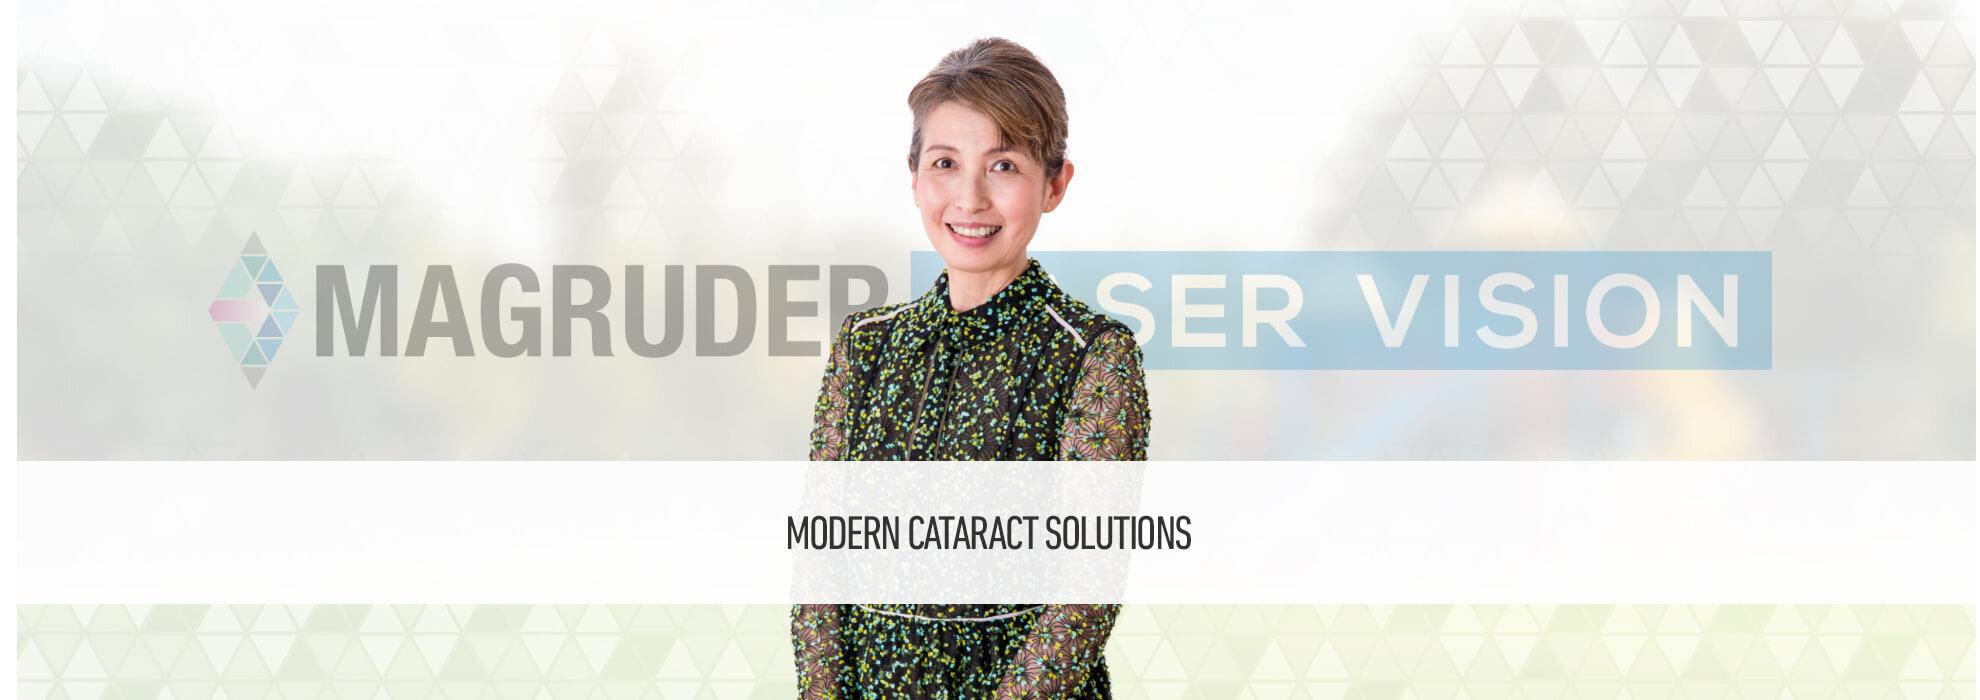 Magruder Laser Vision Orlando S Premier Lasik And Cataract Laser Vision Center